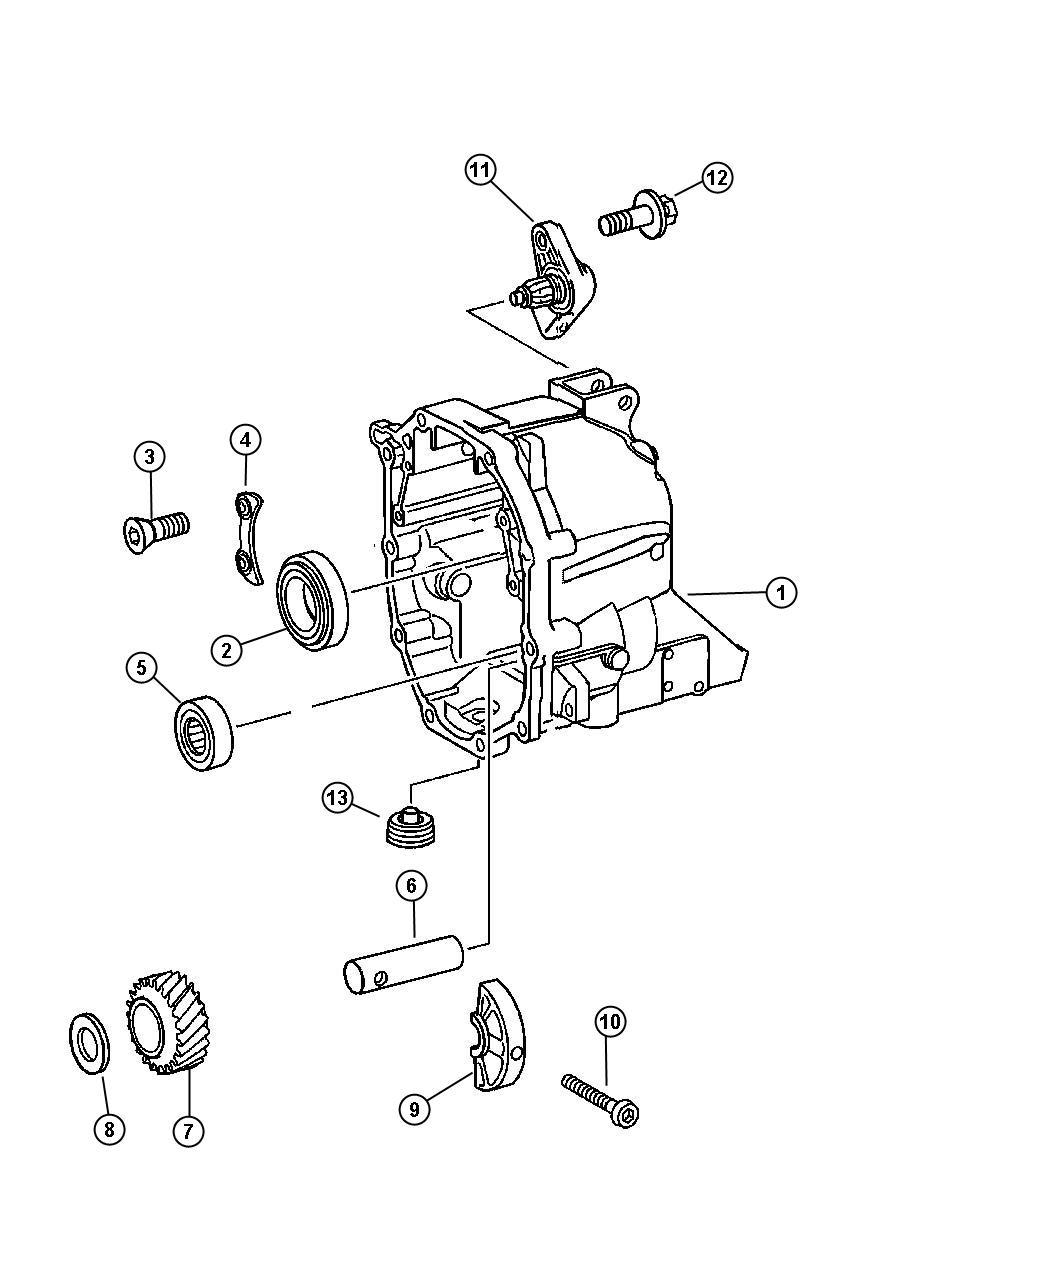 Dodge Nitro Bearing 80mm Related Case